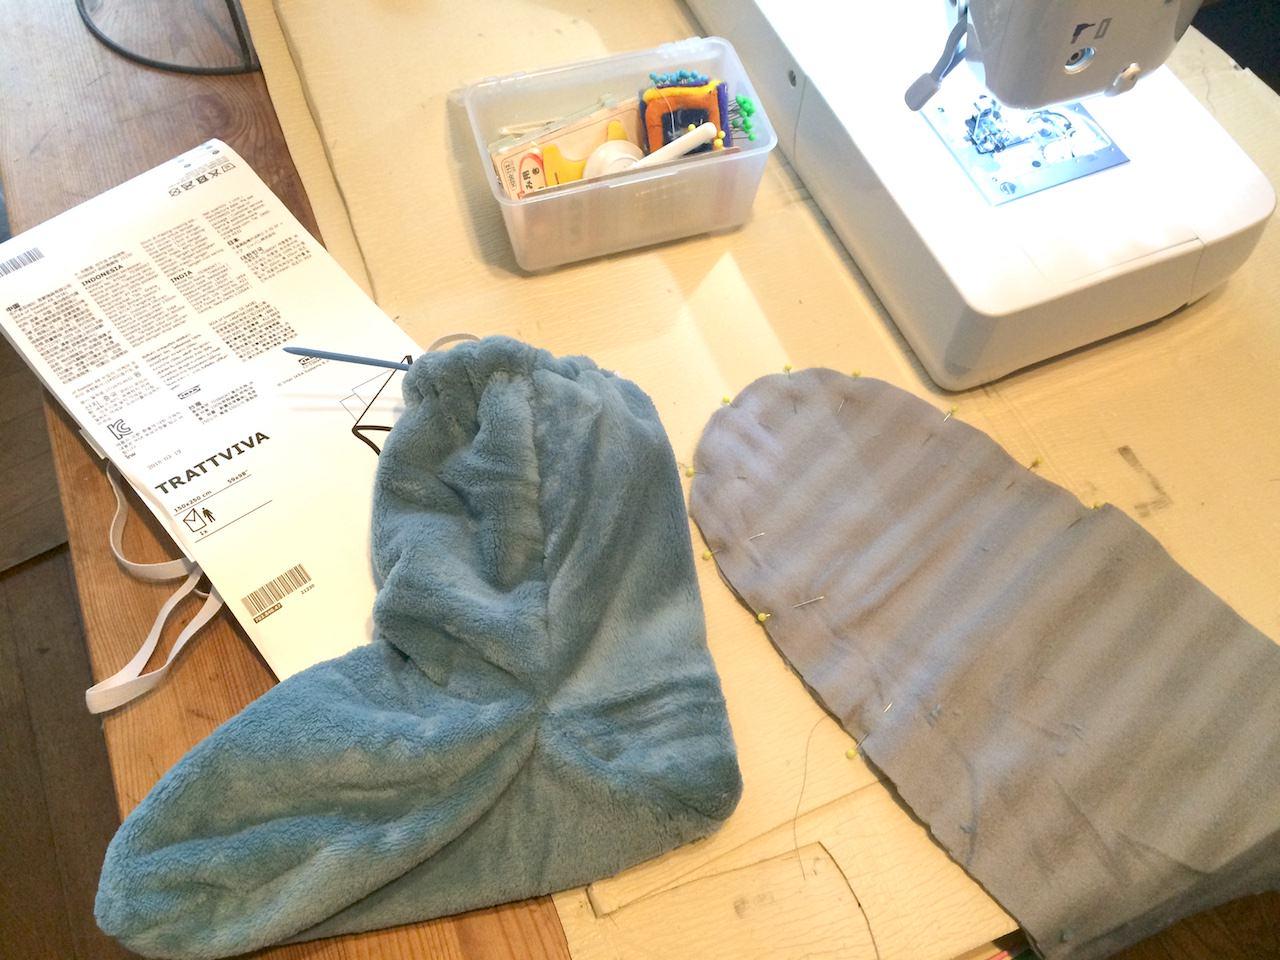 IKEA-blanket-Room-socks01